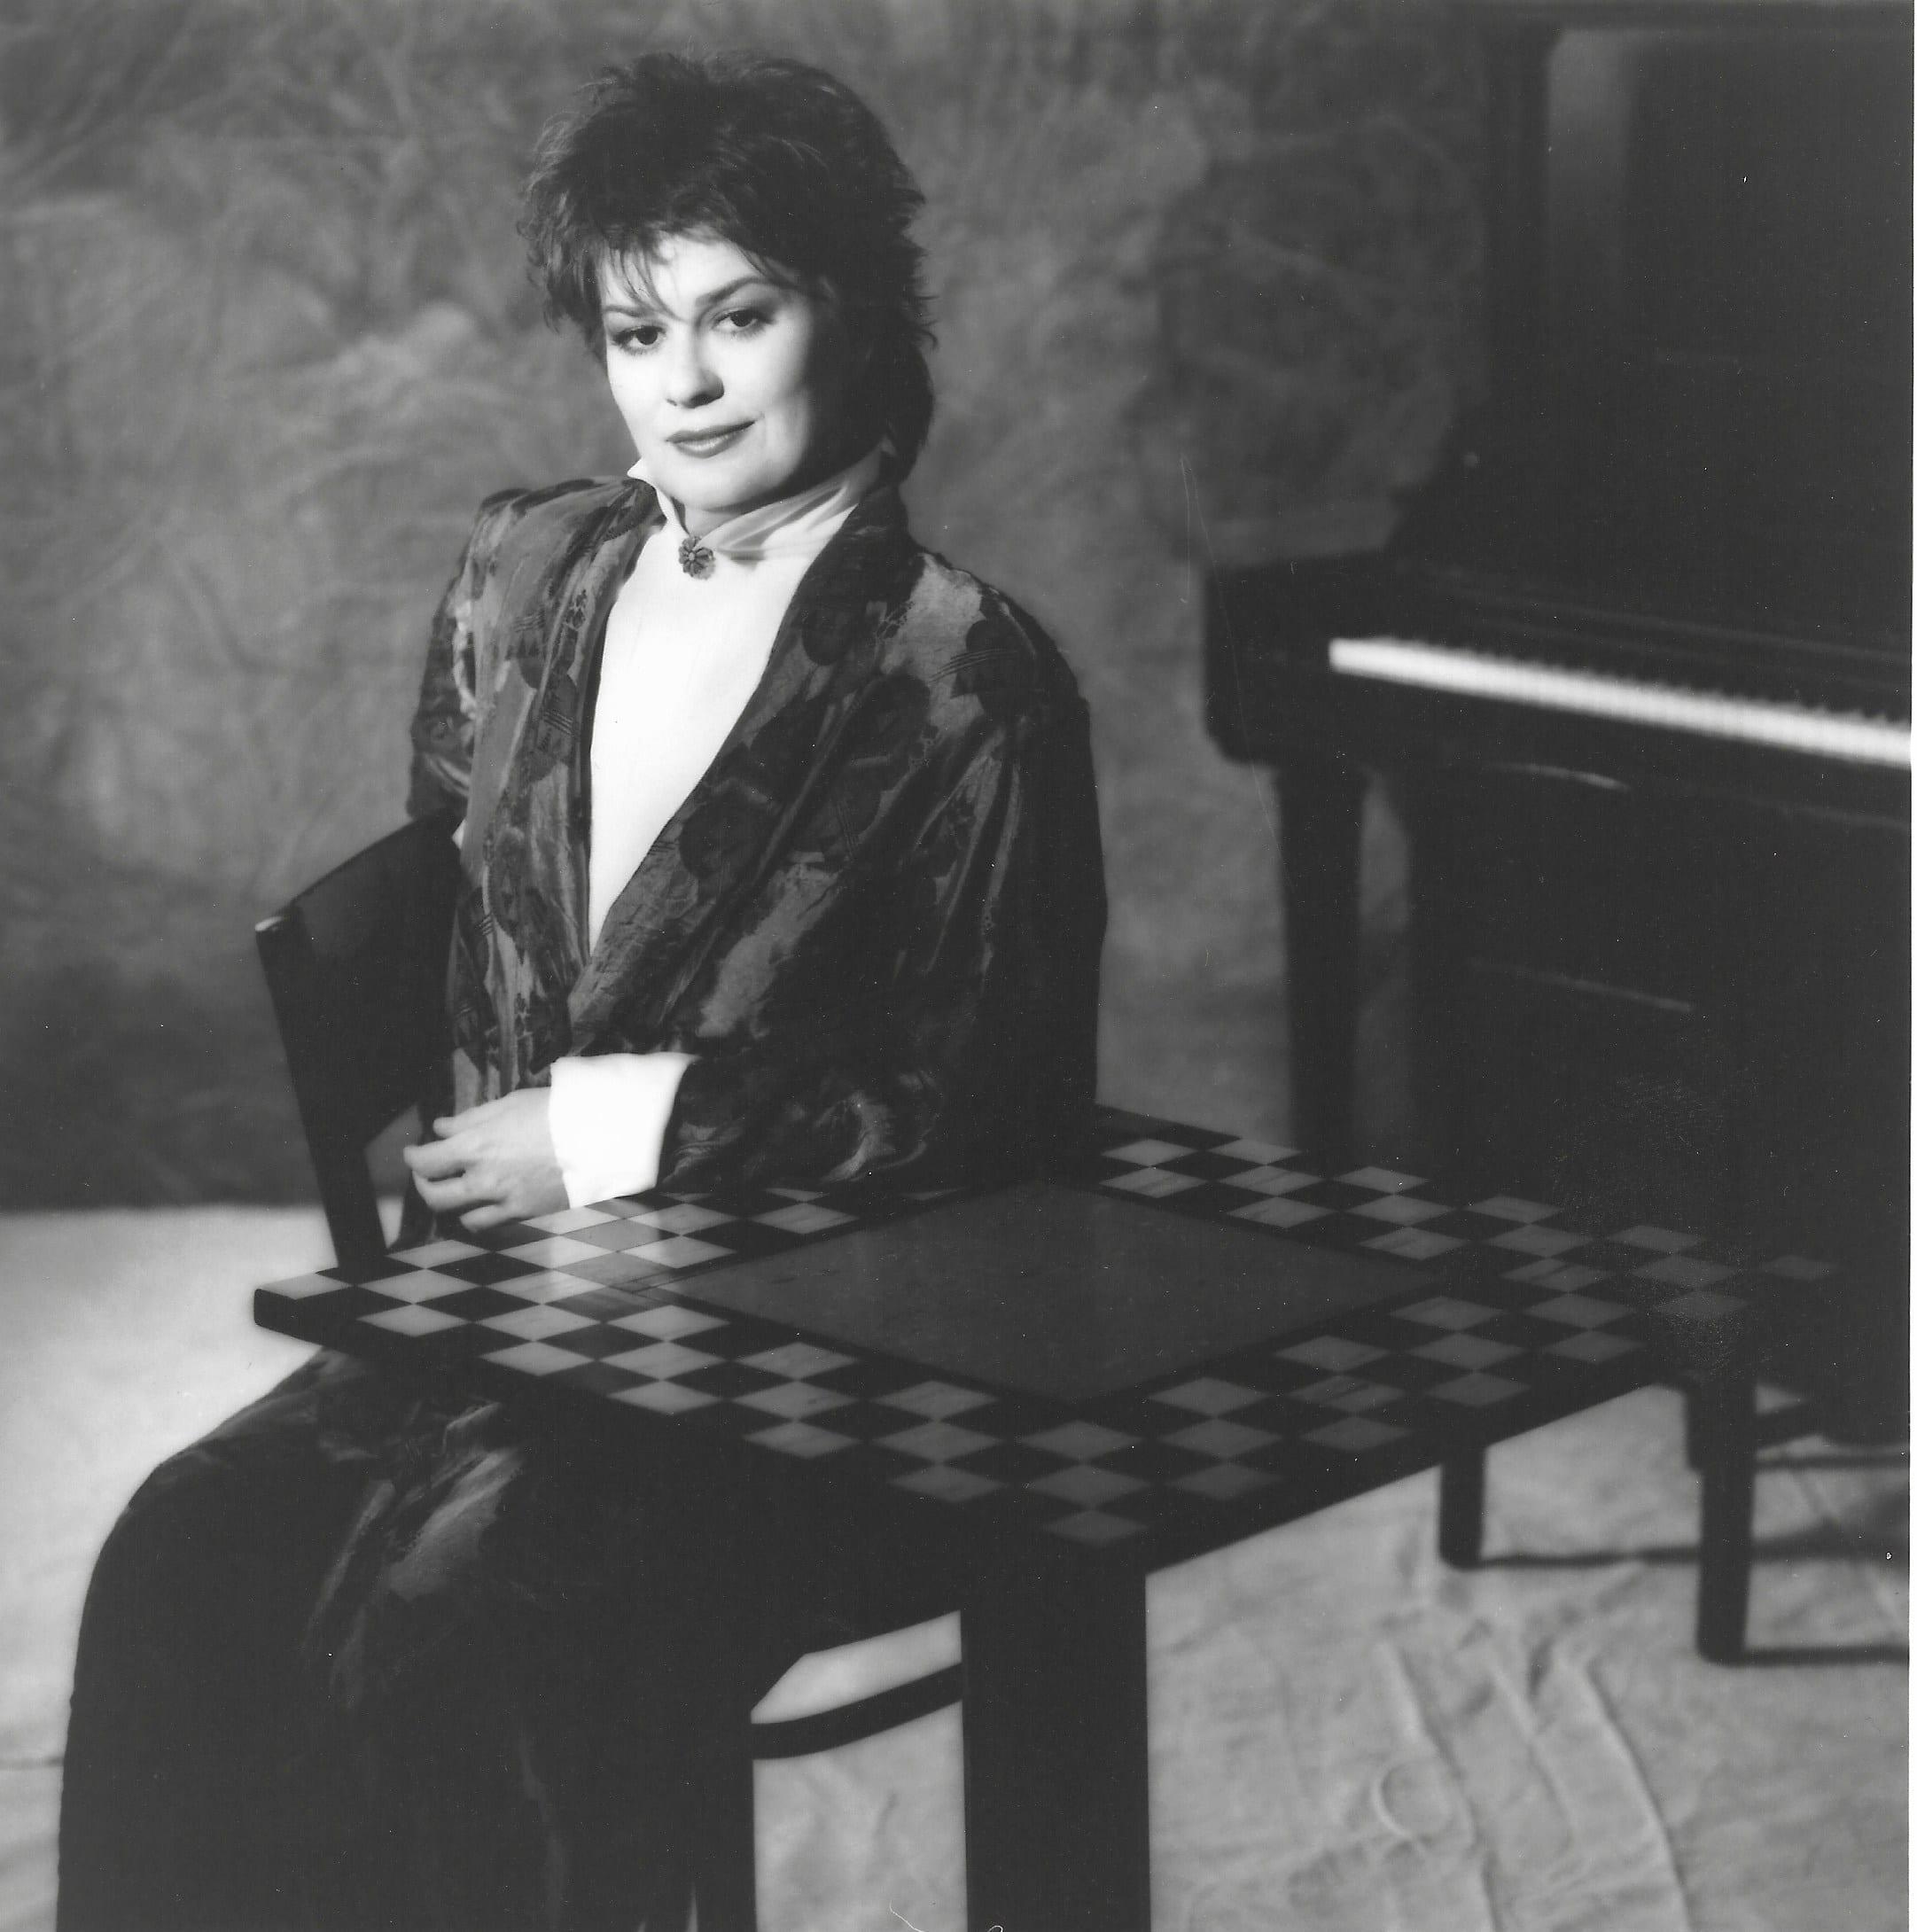 K.T. Oslin, country singer of '80's Ladies,' dies at 78